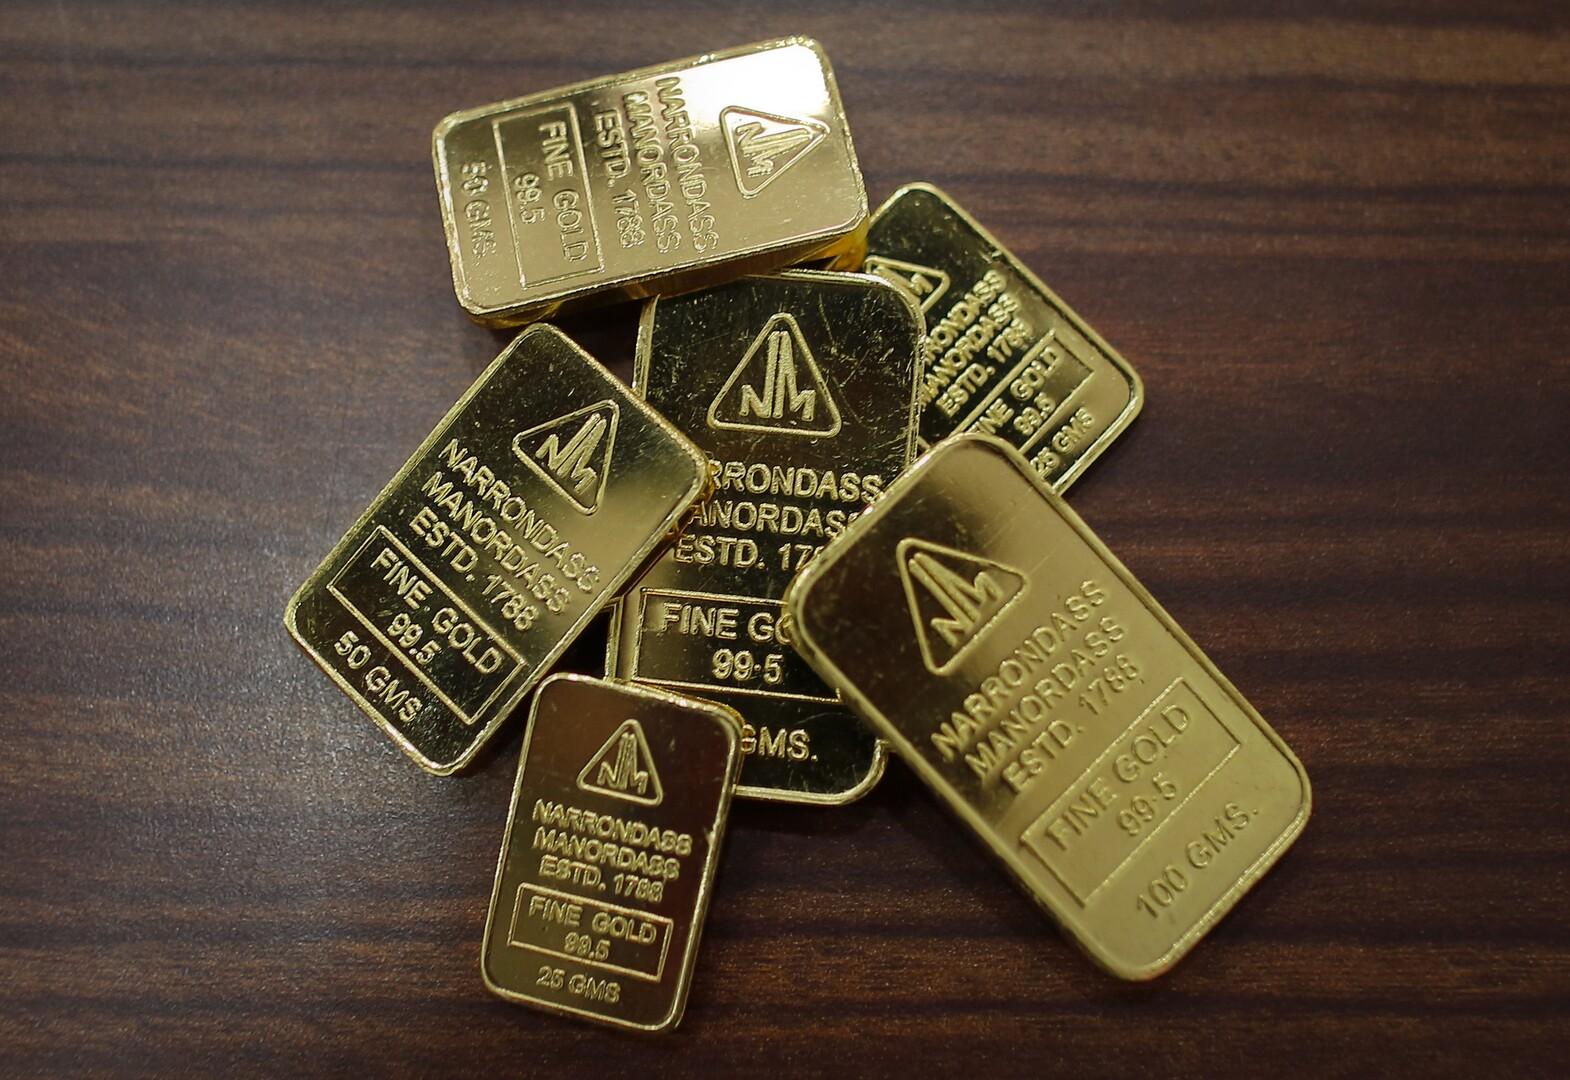 ارتفاع الذهب مع احتدام المواجهة التجارية بين واشنطن وبكين